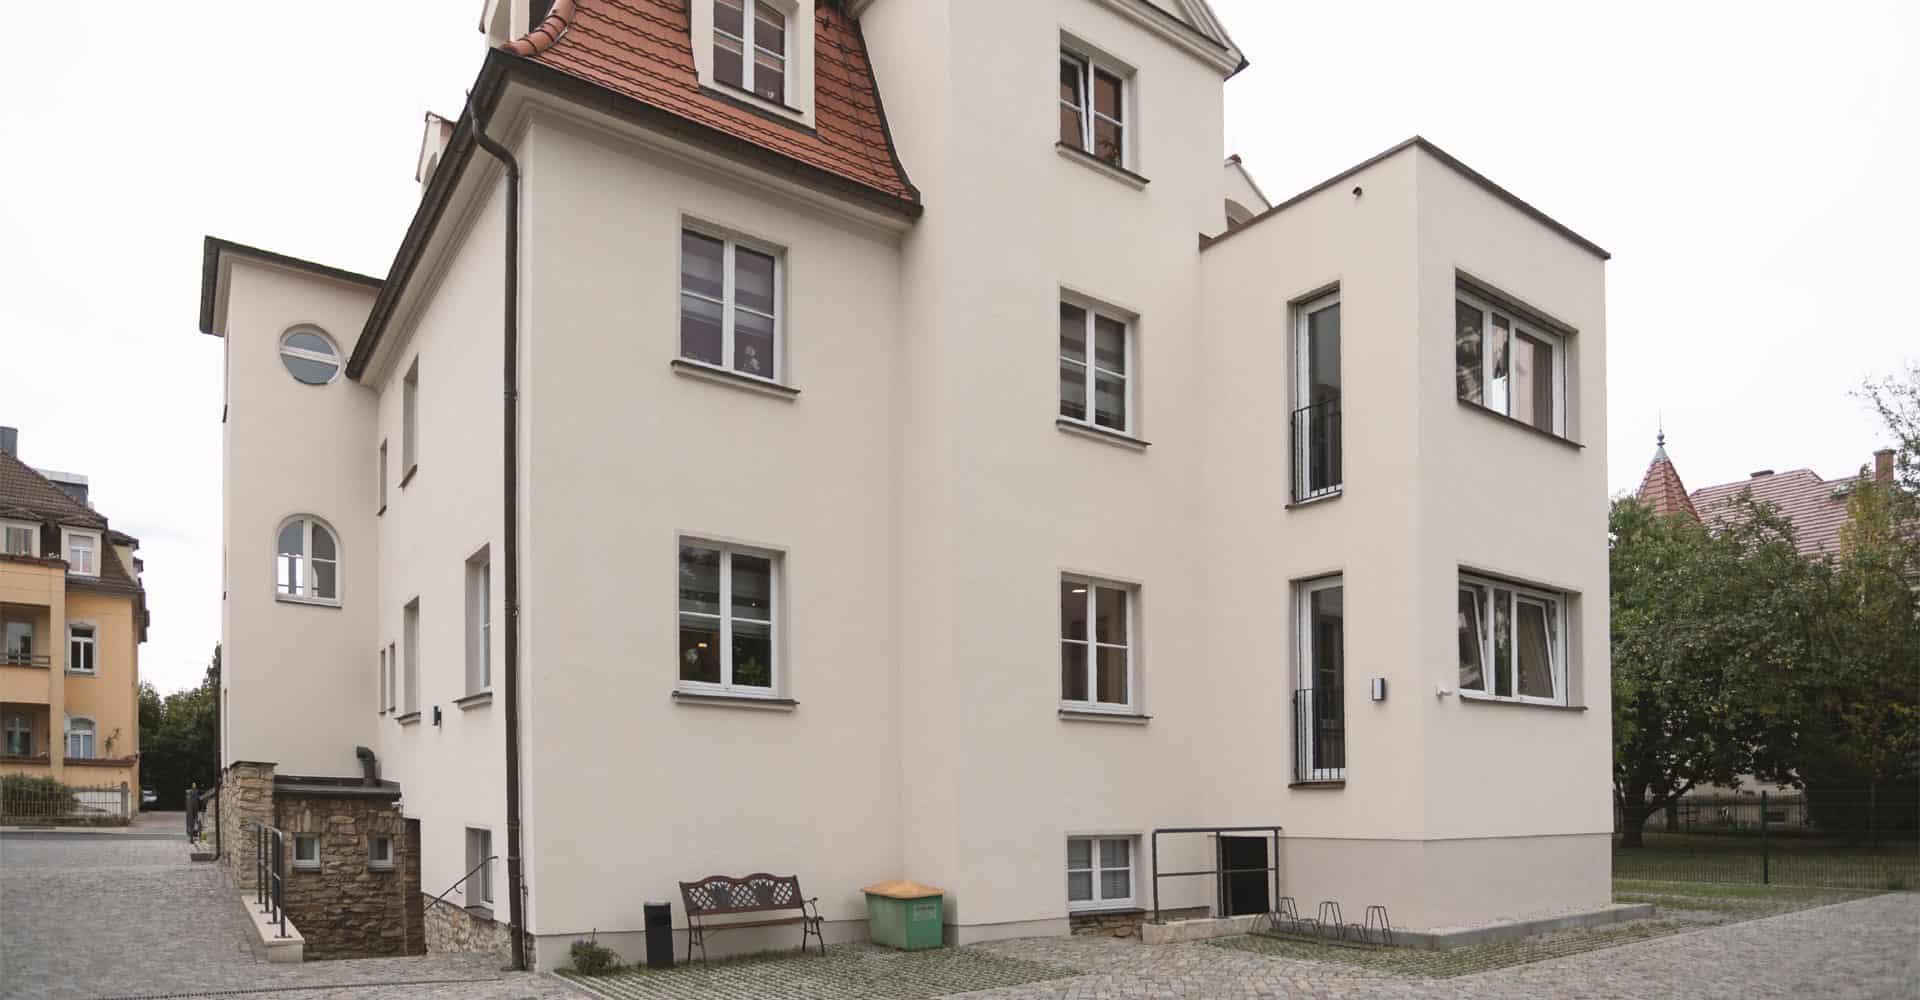 Zahnarztpraxis Brückner Dresden Außenansicht